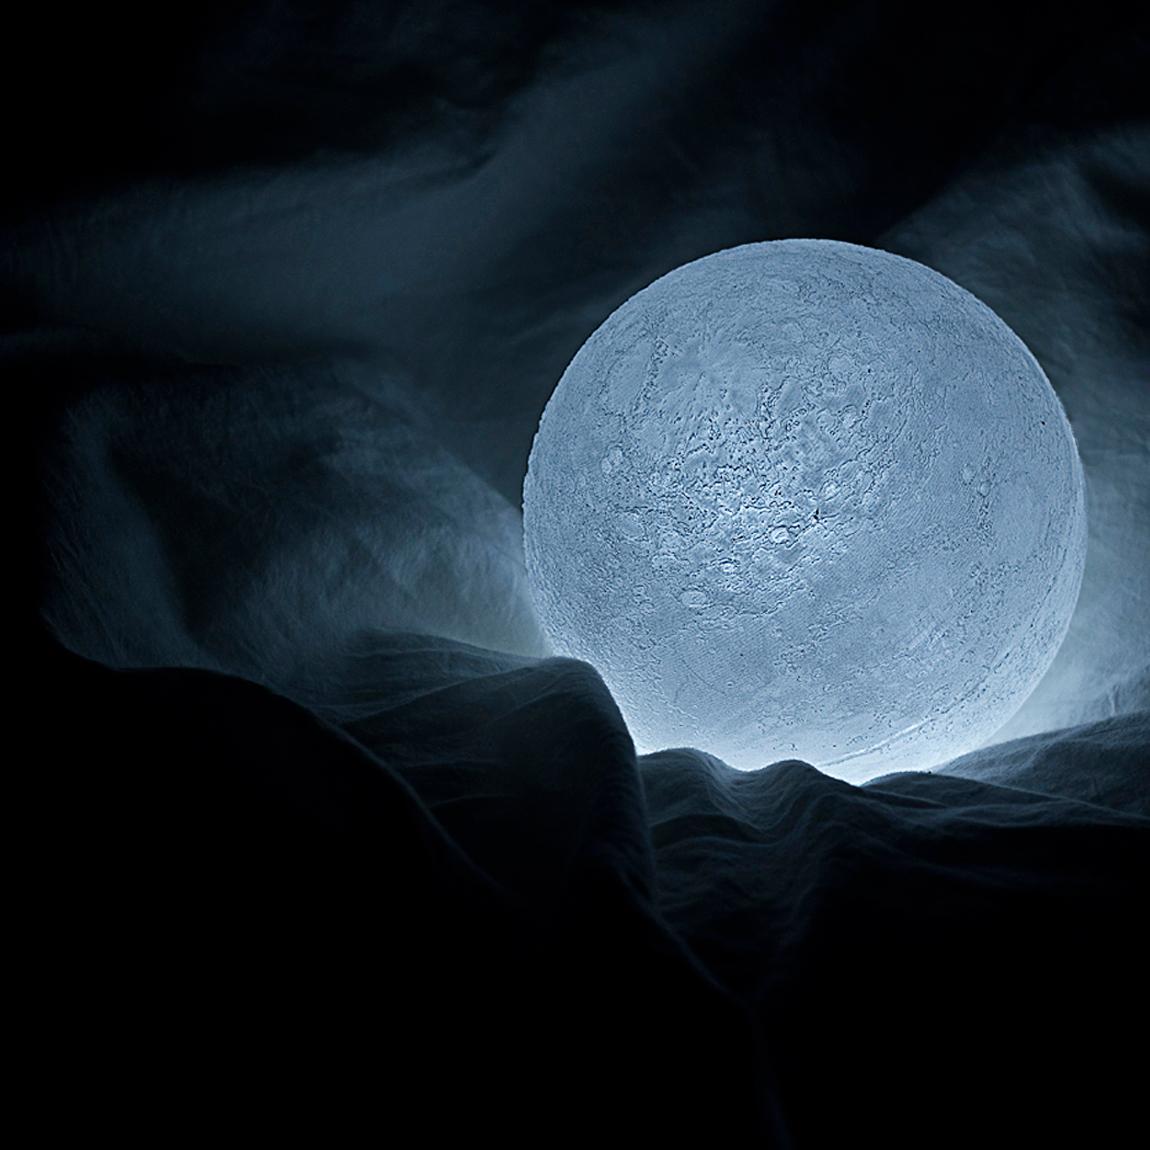 本物の月のようにさえみえる、リアルな月の照明2